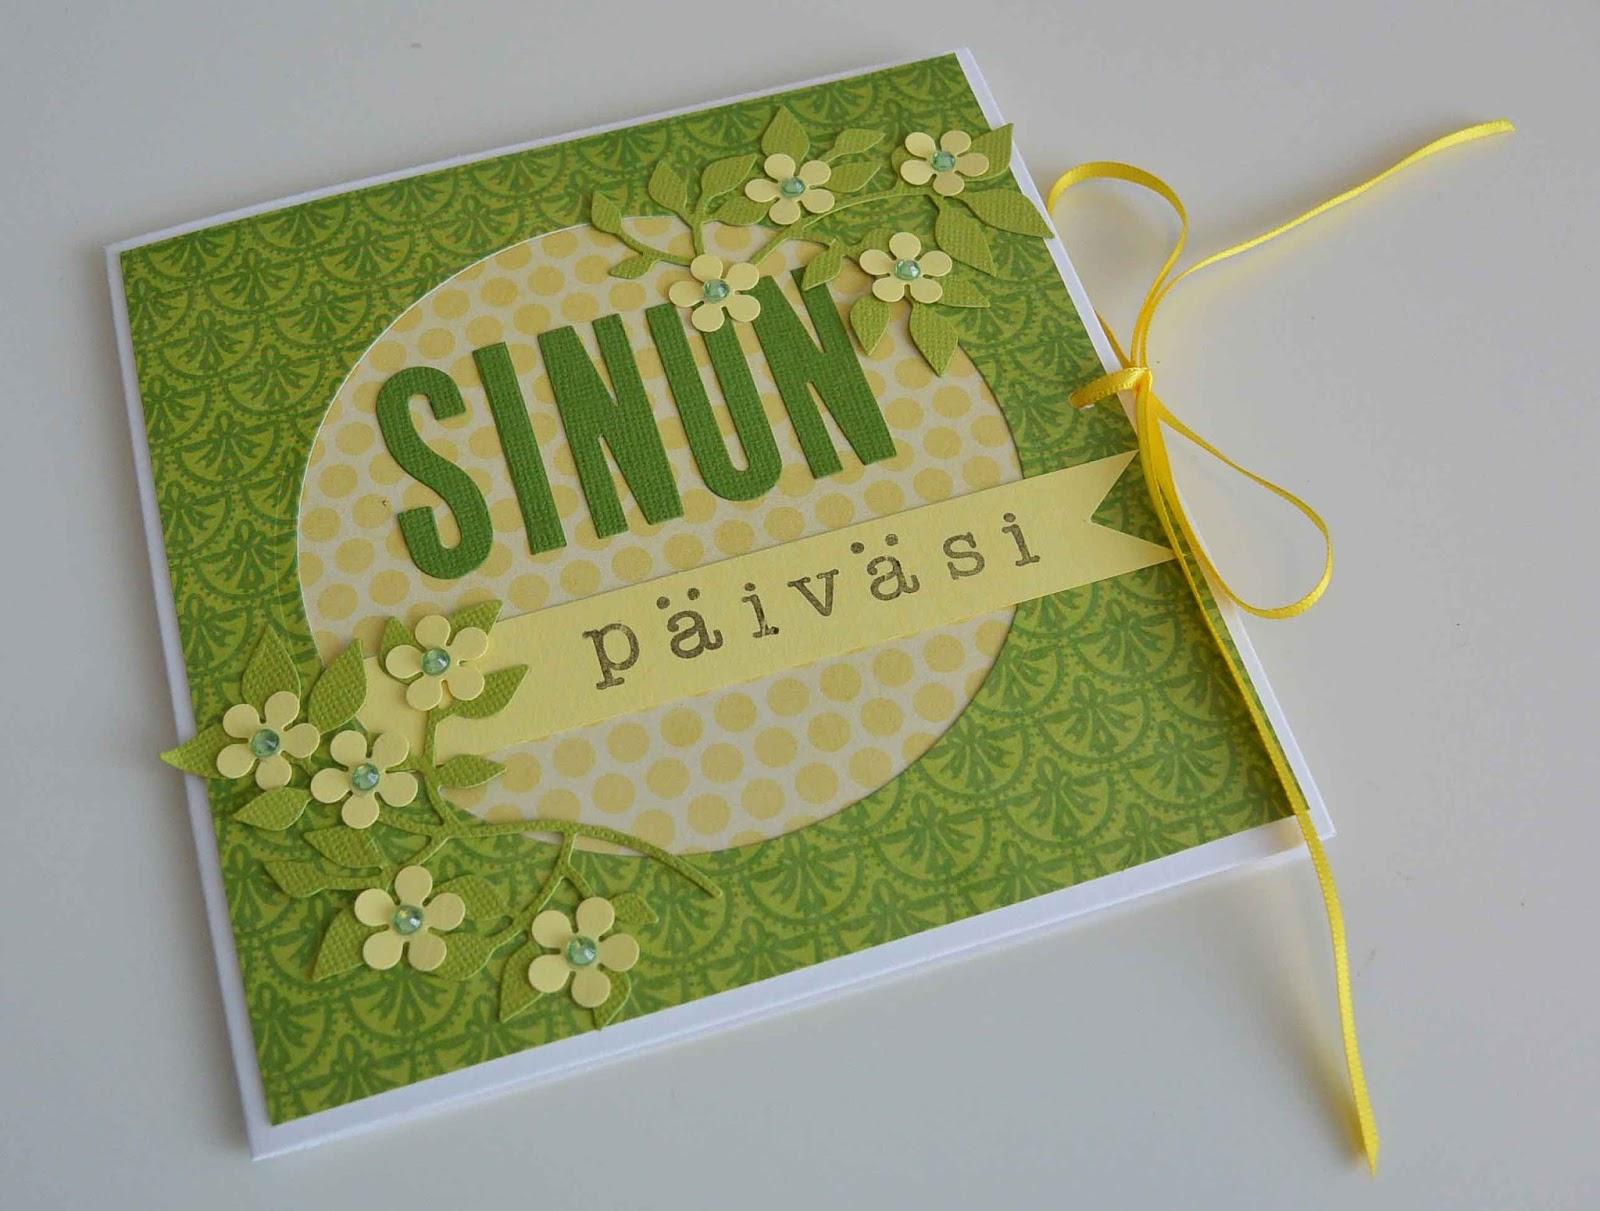 http://annanaarteet.blogspot.fi/2015/05/sinun-paivasi-kortti-aitienpaivaksi.html